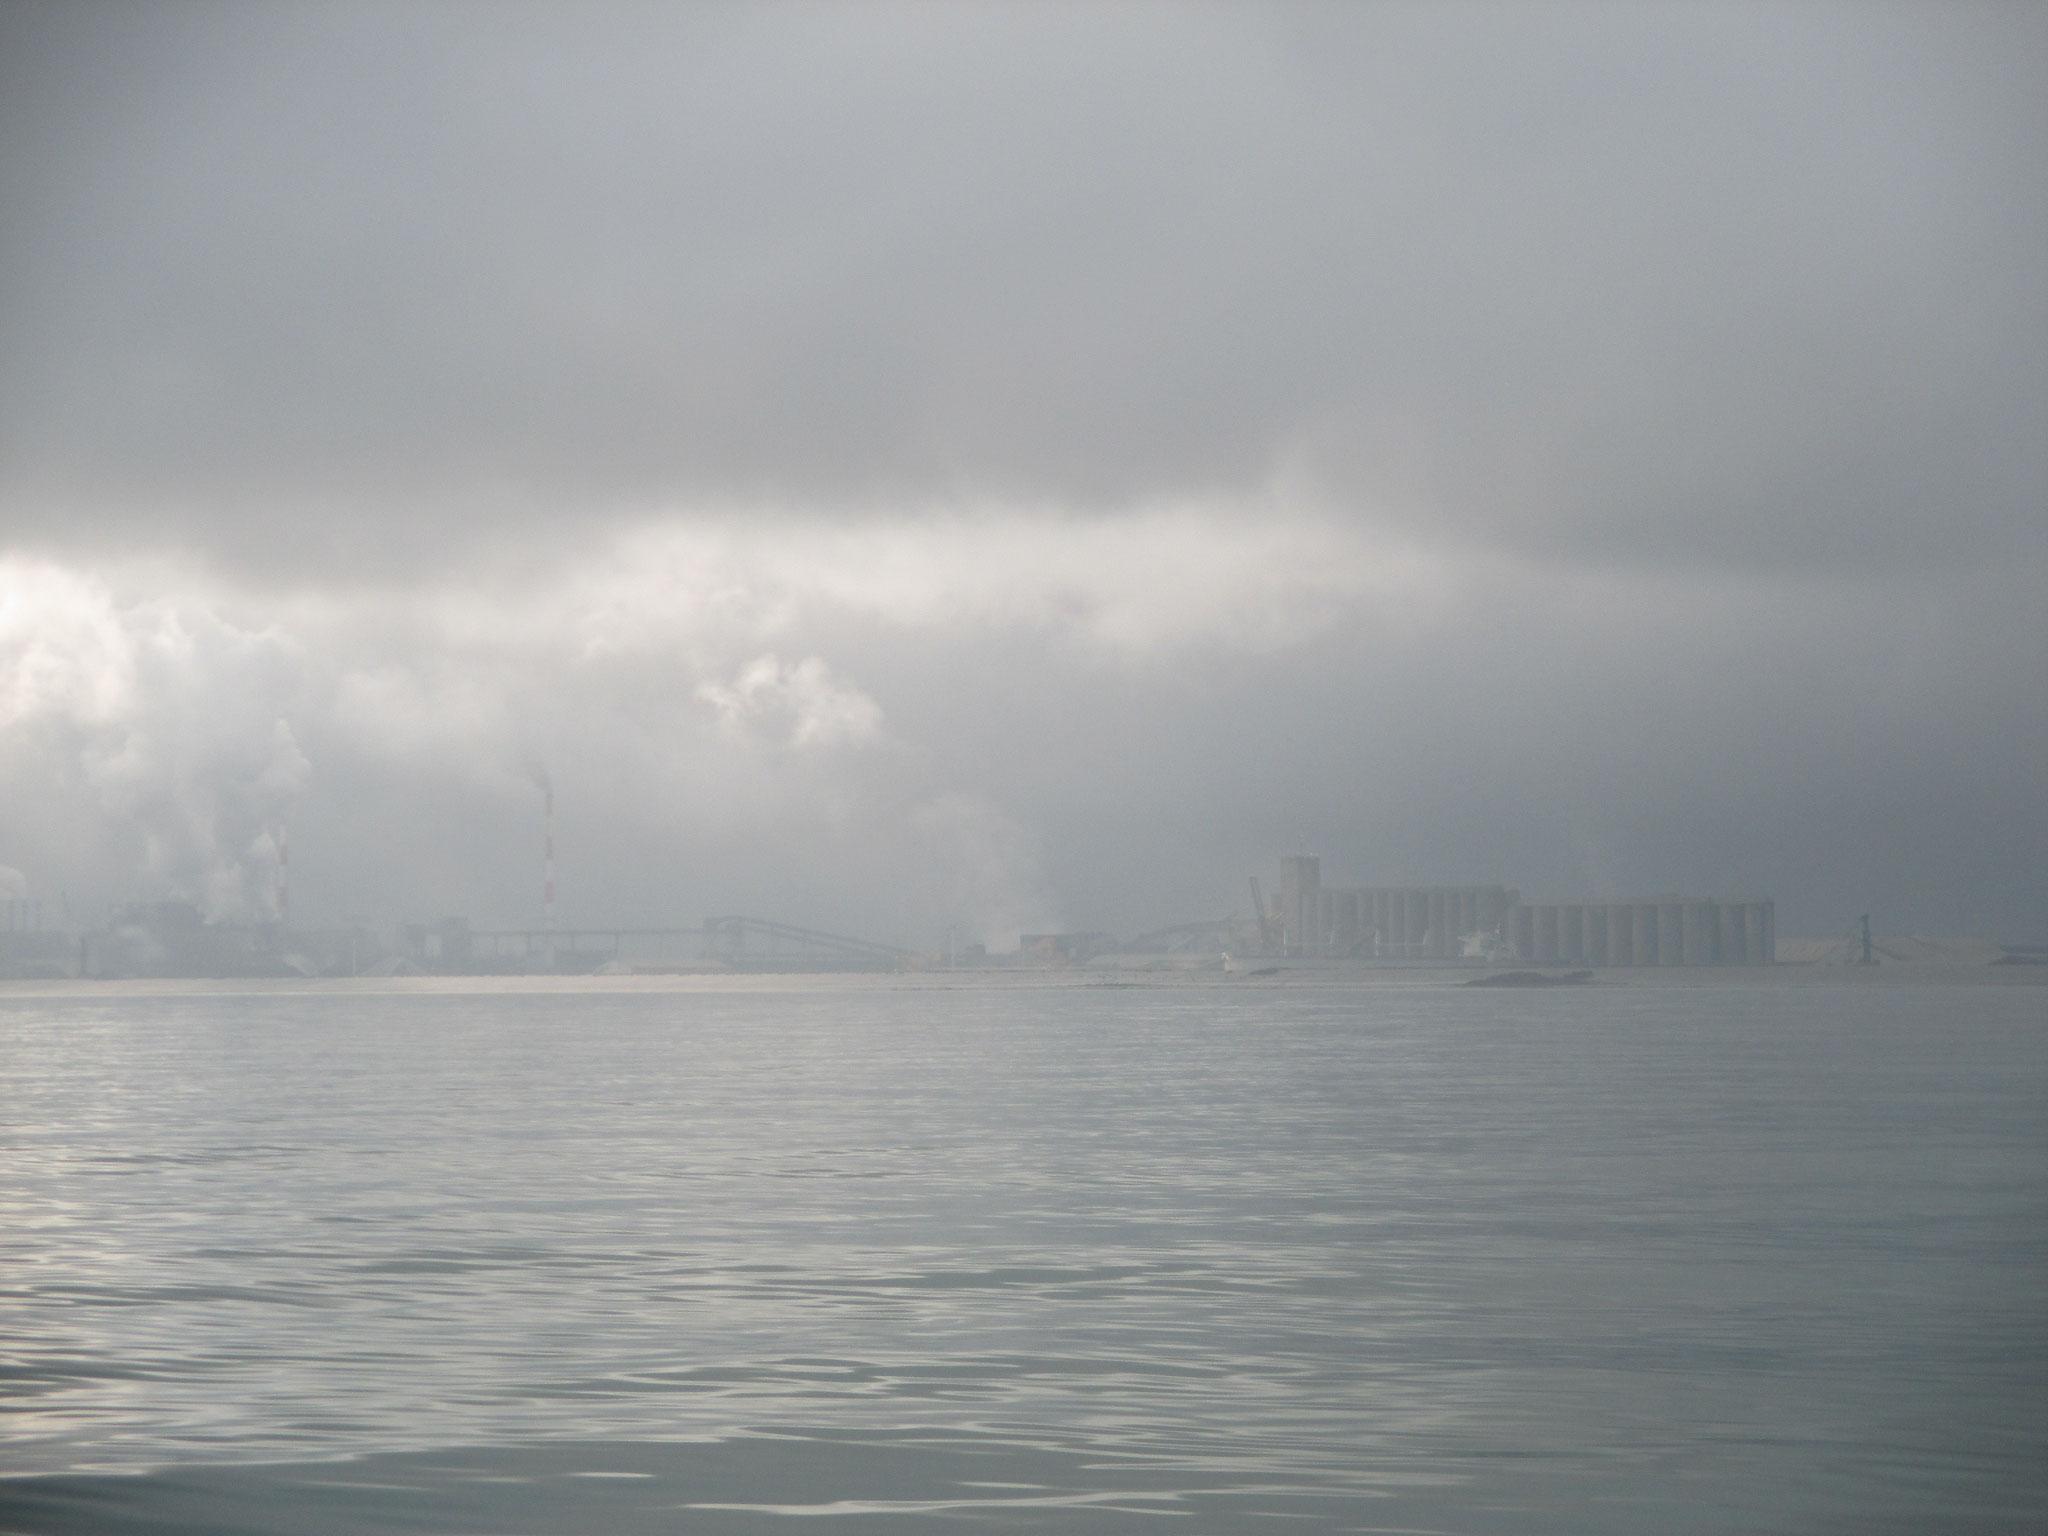 Und hier kommt er: der Nebel des Grauens